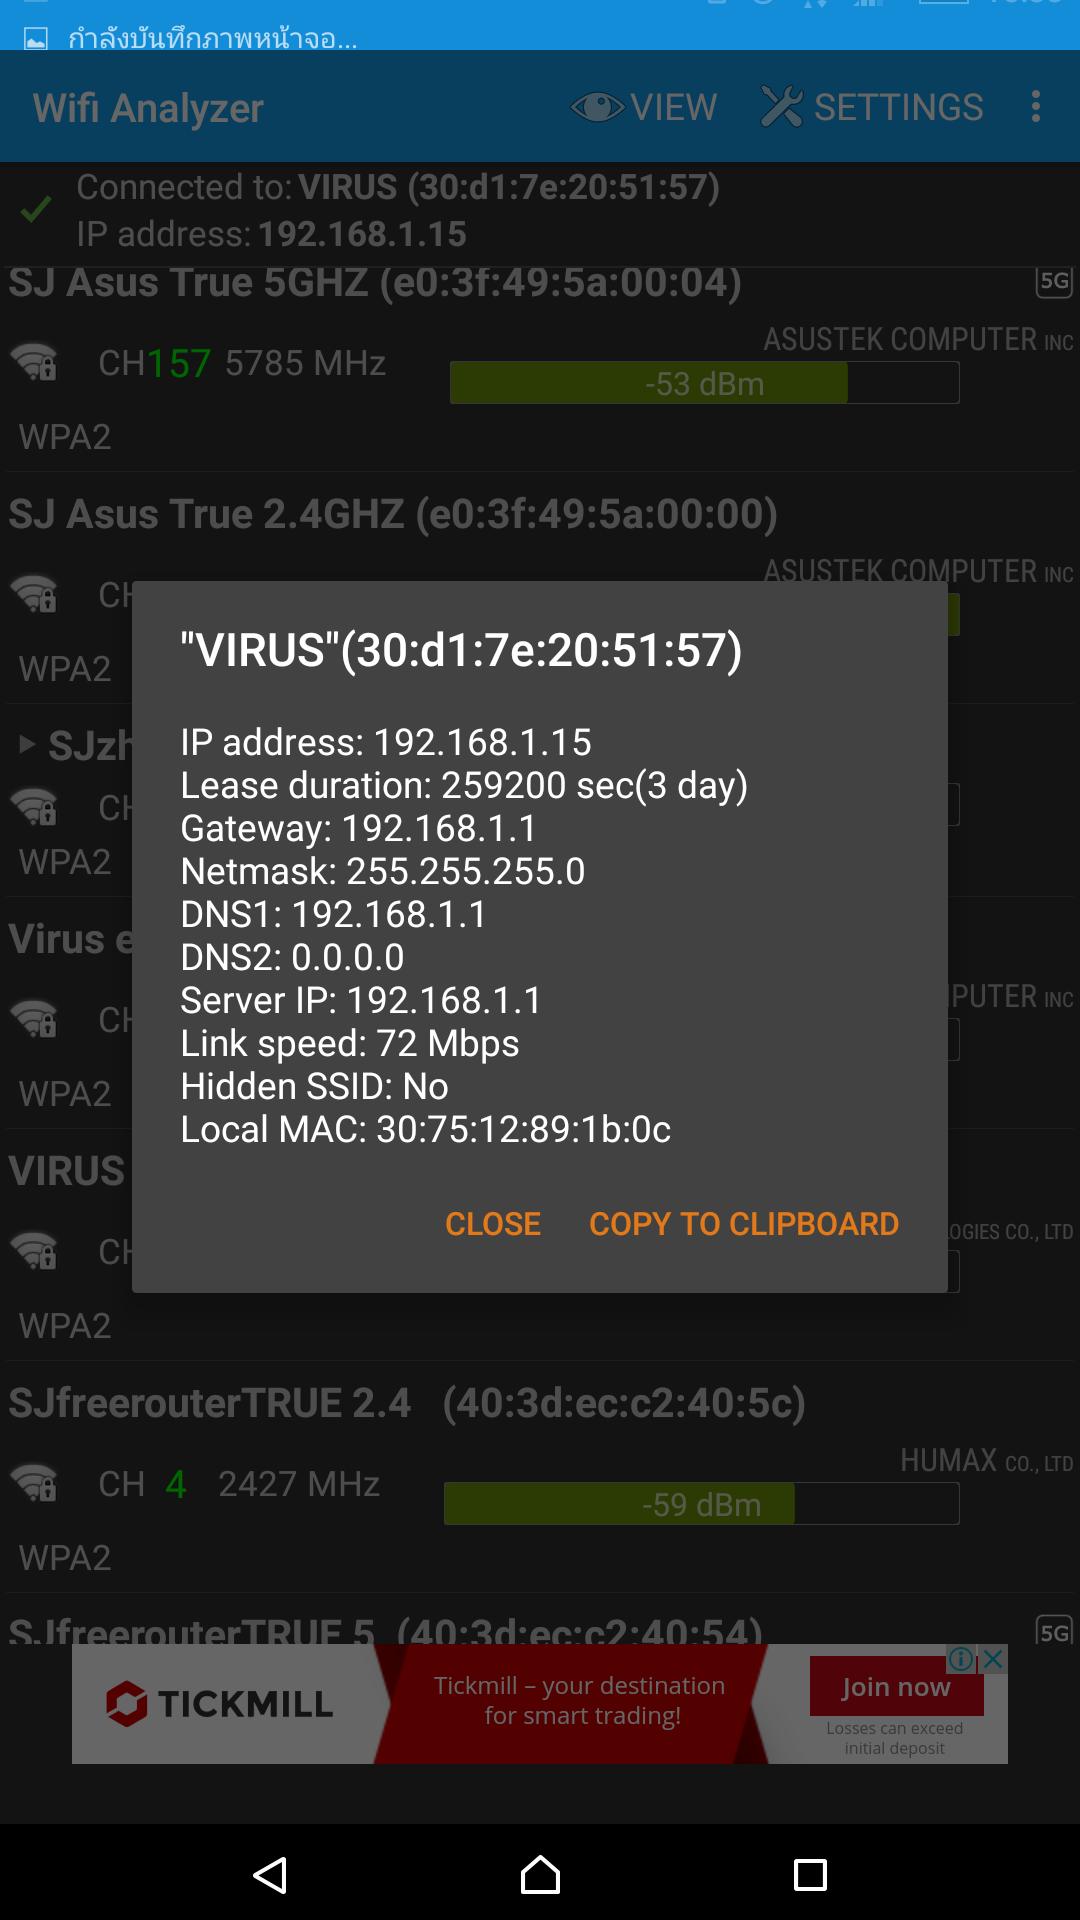 เปลี่ยนเน็ตเป็น 200MB แต่ใช้จริงได้ไม่ถึง 30 MB ช่วยด้วยจ้า